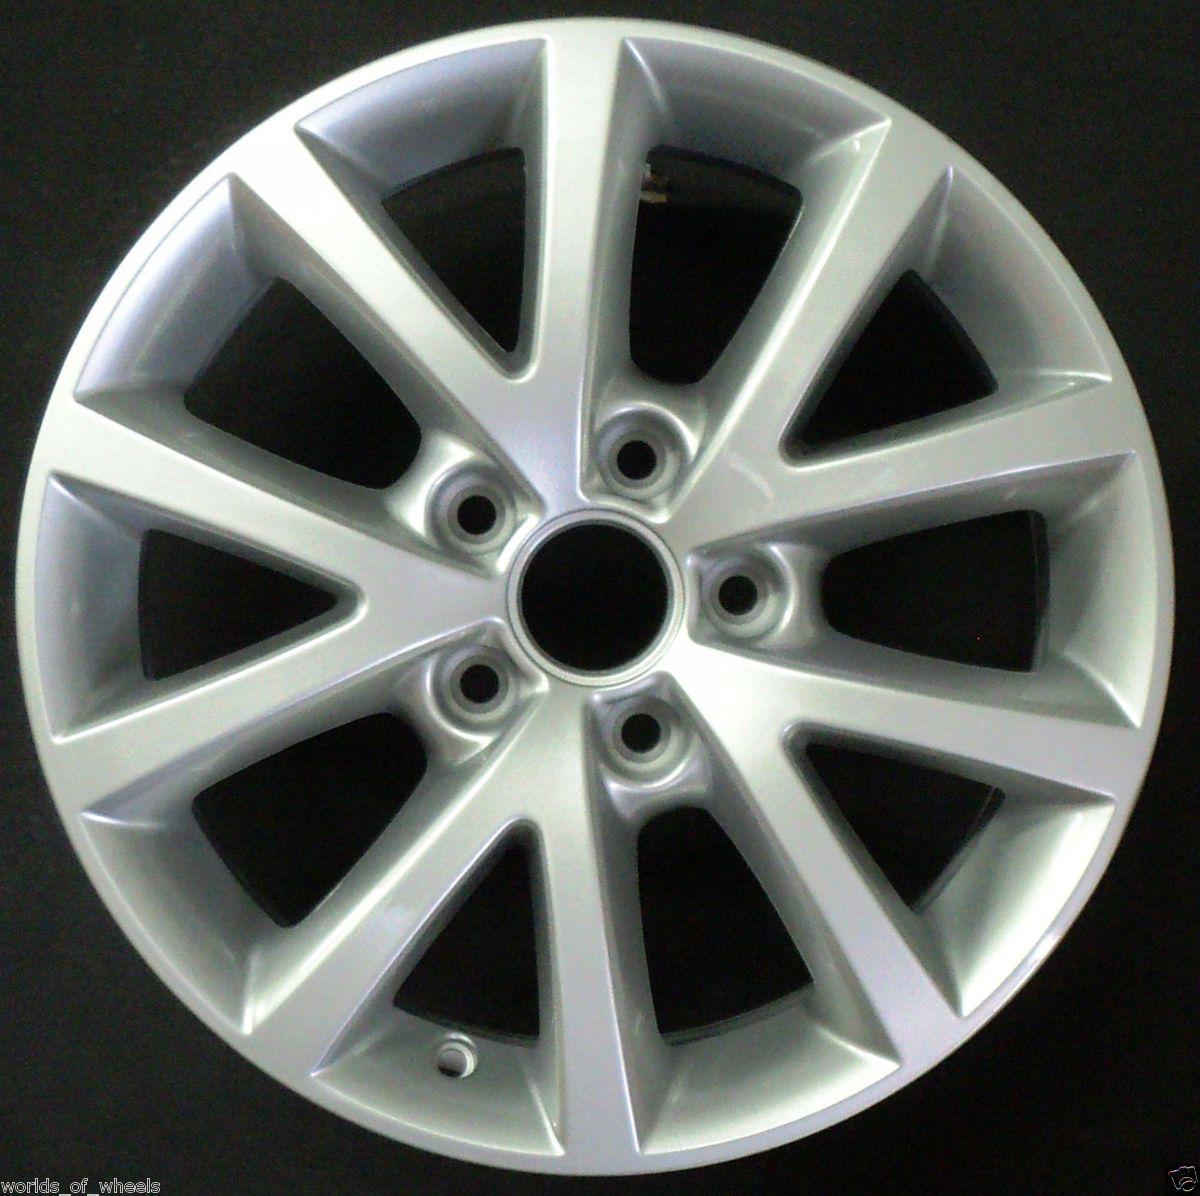 Volkswagen VW Jetta 2010 2011 2012 16 10 Spoke Factory OEM Wheel Rim H